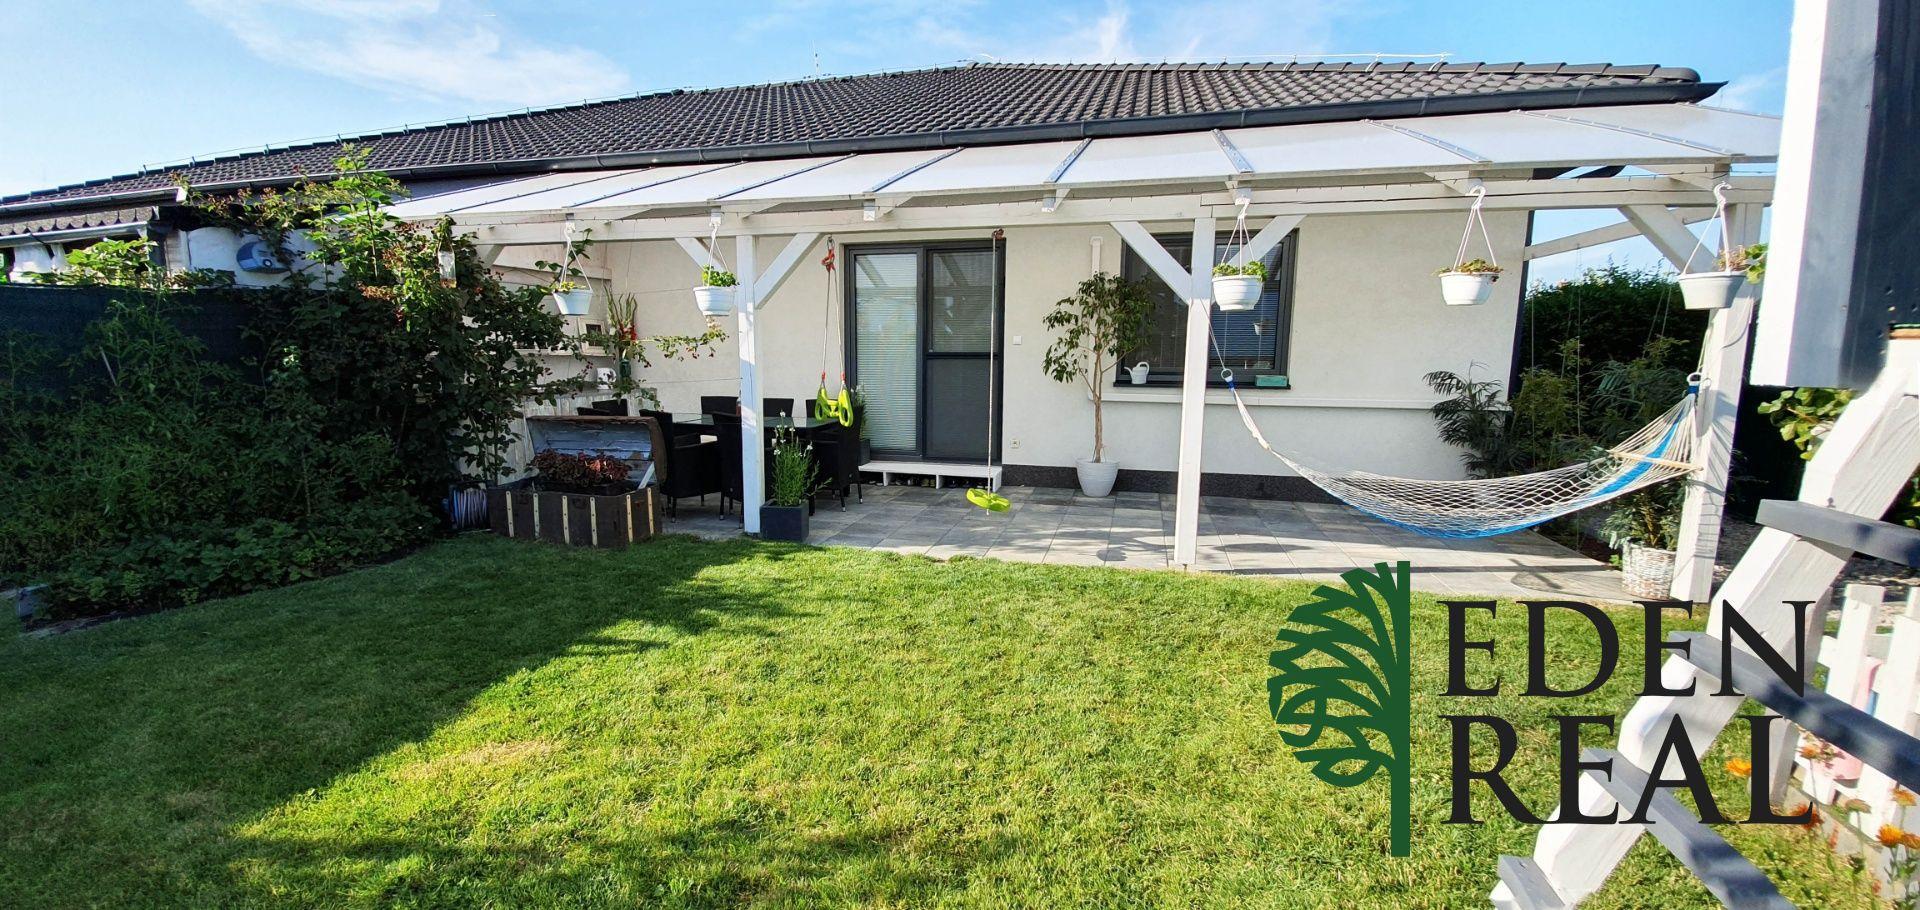 Moderný 4-izbový bungalov v tichej lokalite s nízkymi nákladmi